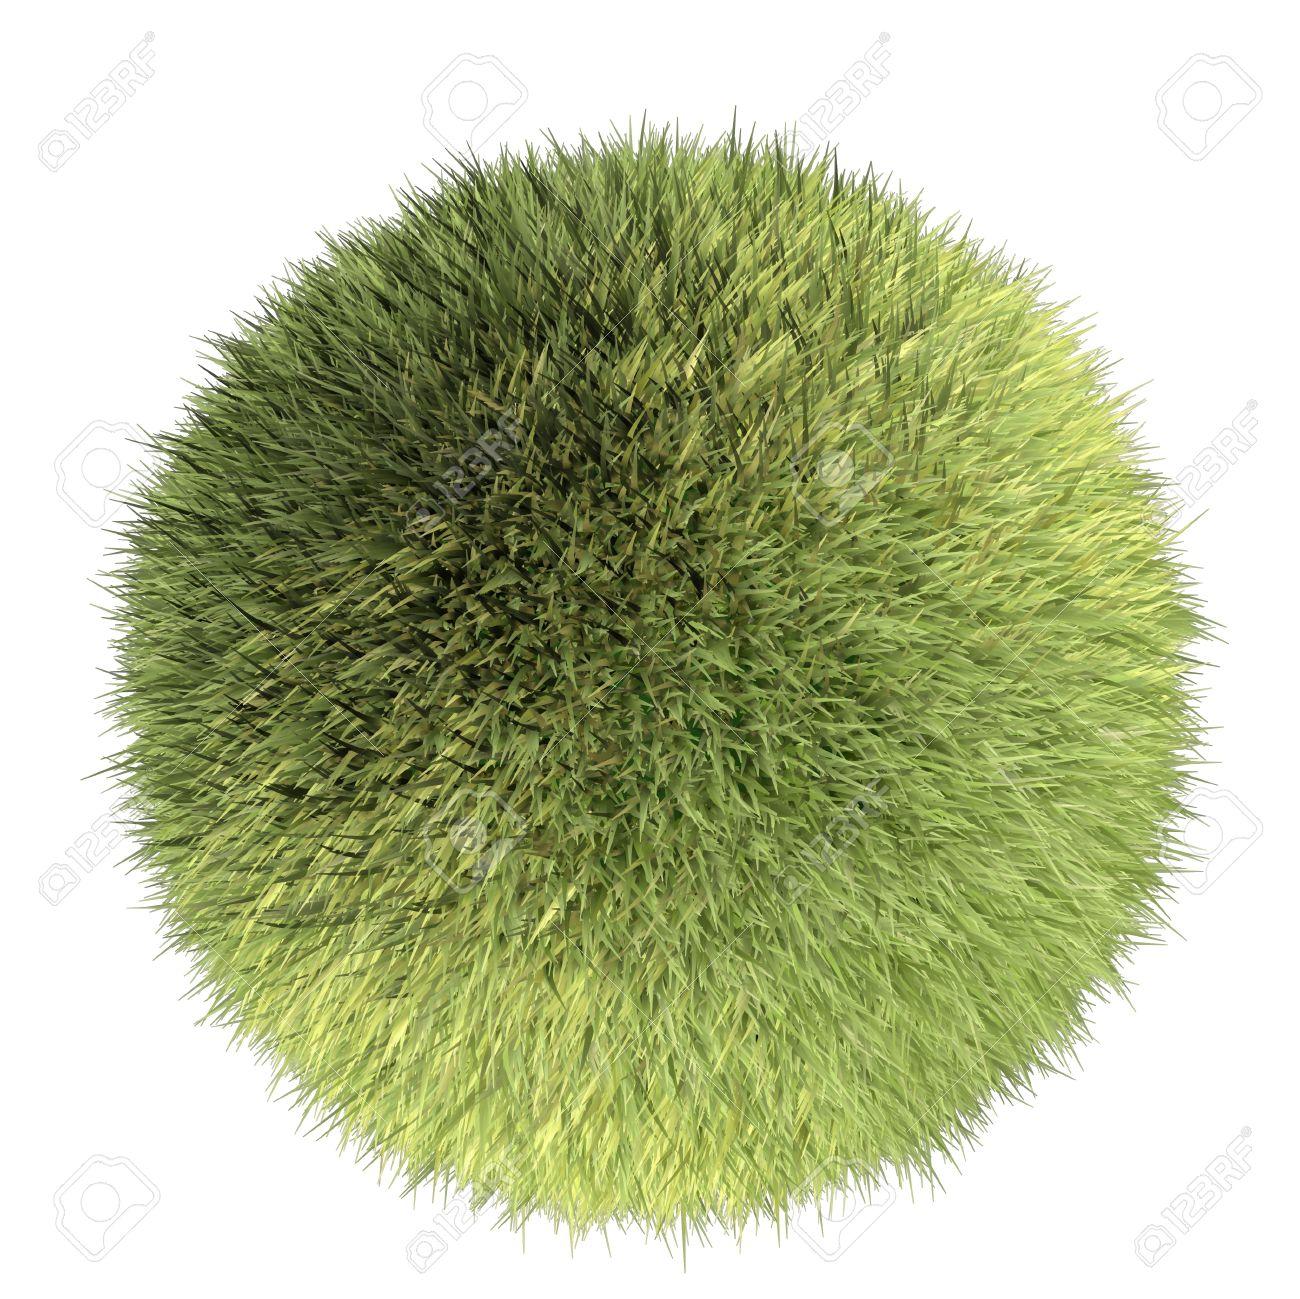 12806066-a-round-world-made-of-green-grass.jpg